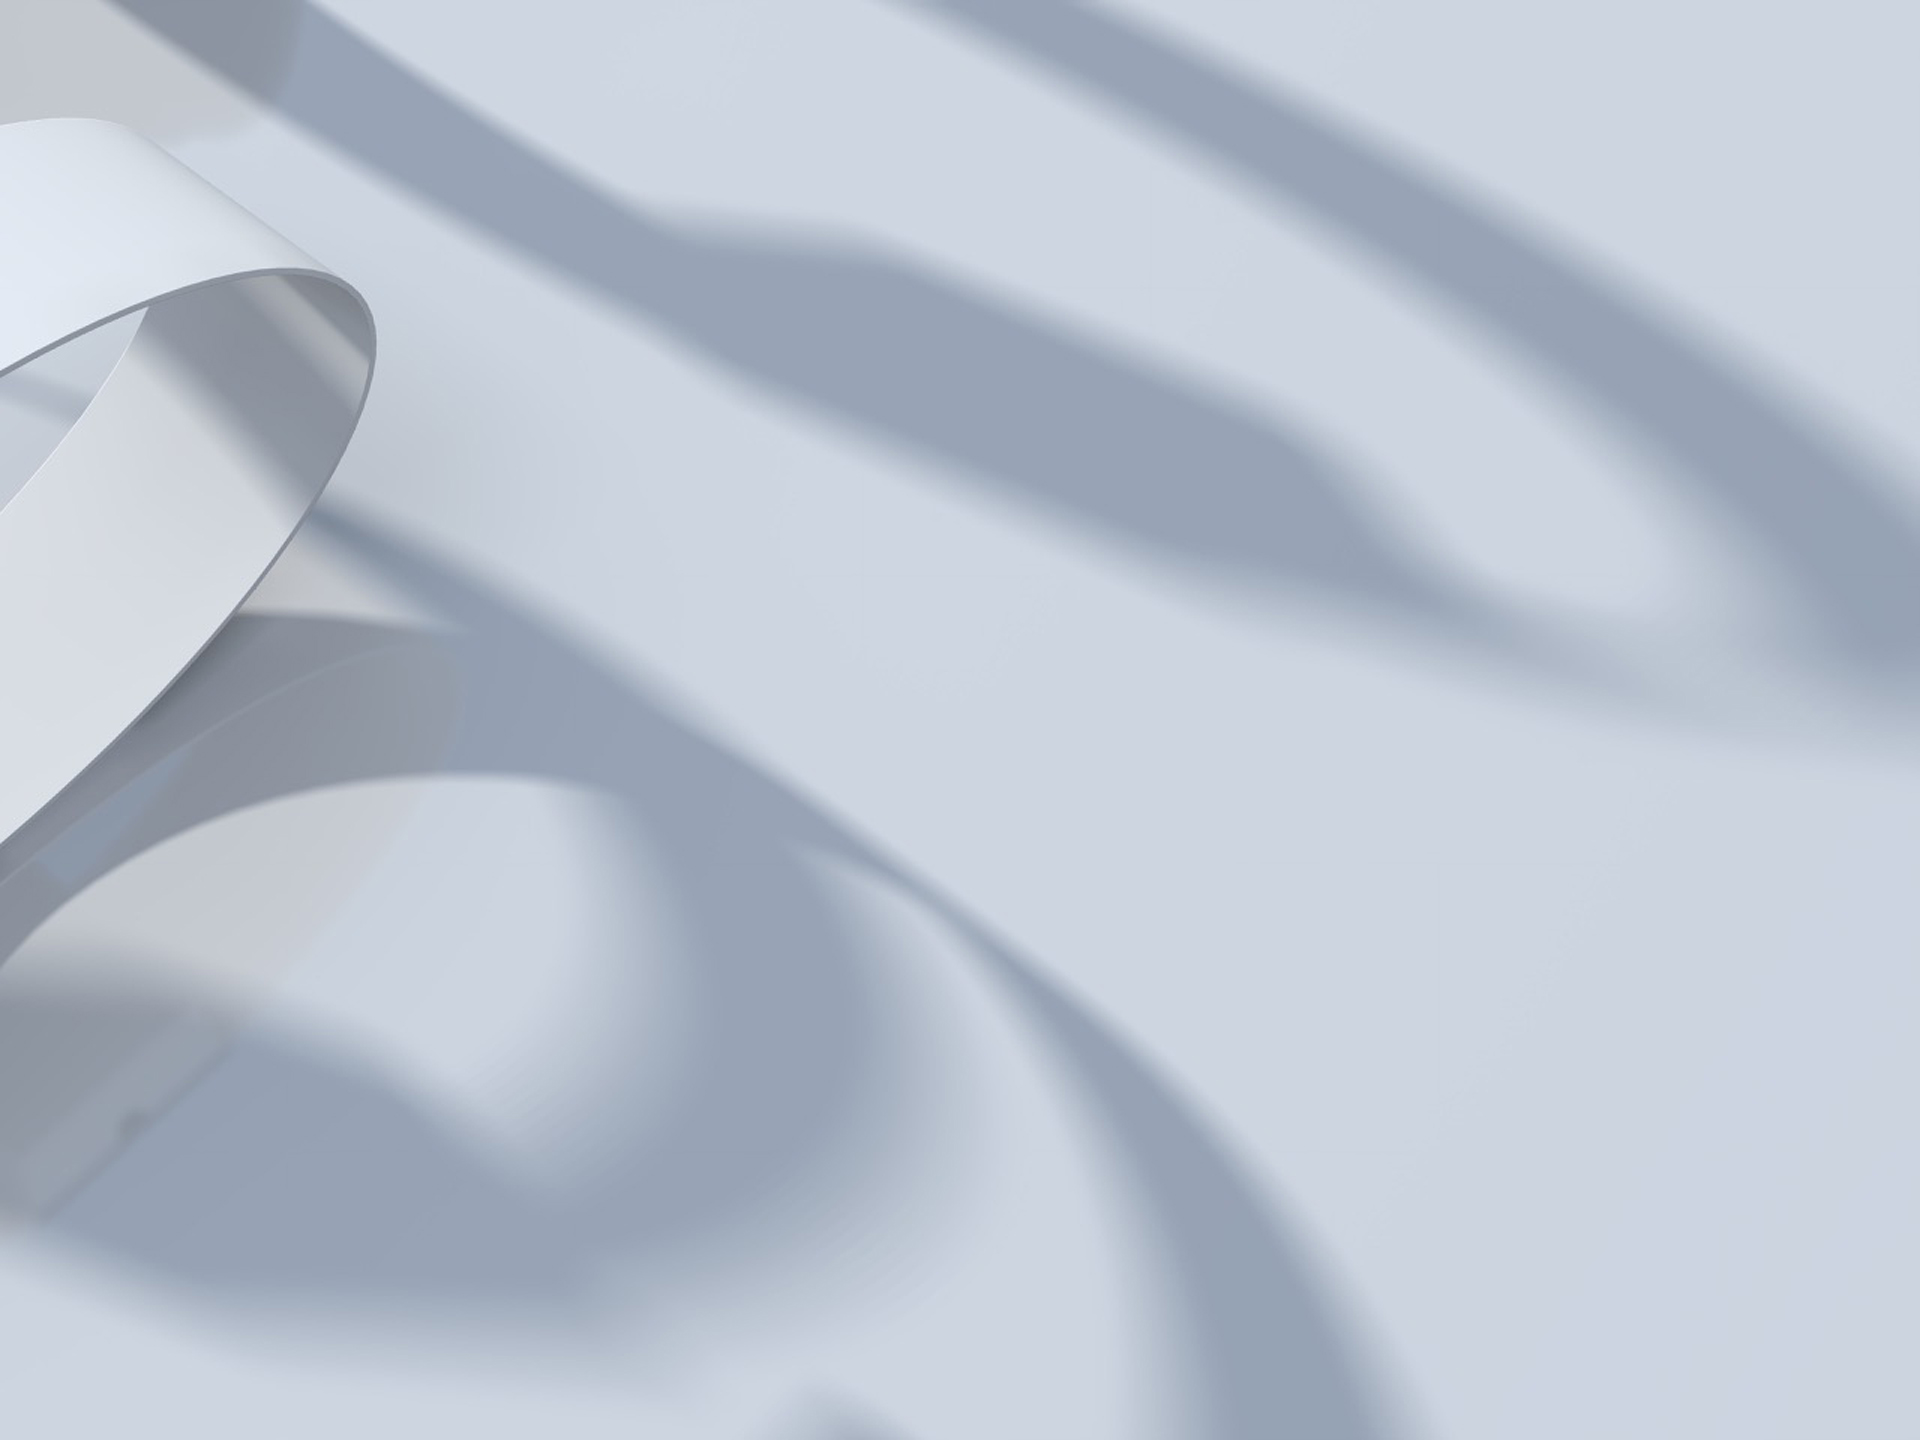 LYX Luminaires édite des gammes de lampes extérieures solaires et lampes extérieures LED. Chaque luminaire extérieur est de conception et de fabrication française. Nos lampes extérieures au design moderne, offrent un éclairage performant. La collection de luminaire extérieur design se compose de : borne extérieure solaire et borne extérieure LED, d'applique murale solaire et applique murale LED, de spot extérieur LED et de lanterne solaire. Lampes de jardin, lampes pour éclairage d'allée, balises pour éclairage de chemin, chaque lampe extérieure participe à la création d'un univers lumineux unique. Tous les luminaires extérieurs LYX Luminaires sont de fabrication française. Nos lampes extérieures offrent un éclairage performant et un éclairage original grâce à leur design moderne. Ce sont des lampes extérieures de qualité, des lampes design, des lampes autonomes et elles sont équipées de détecteur de mouvement / détecteur de présence.